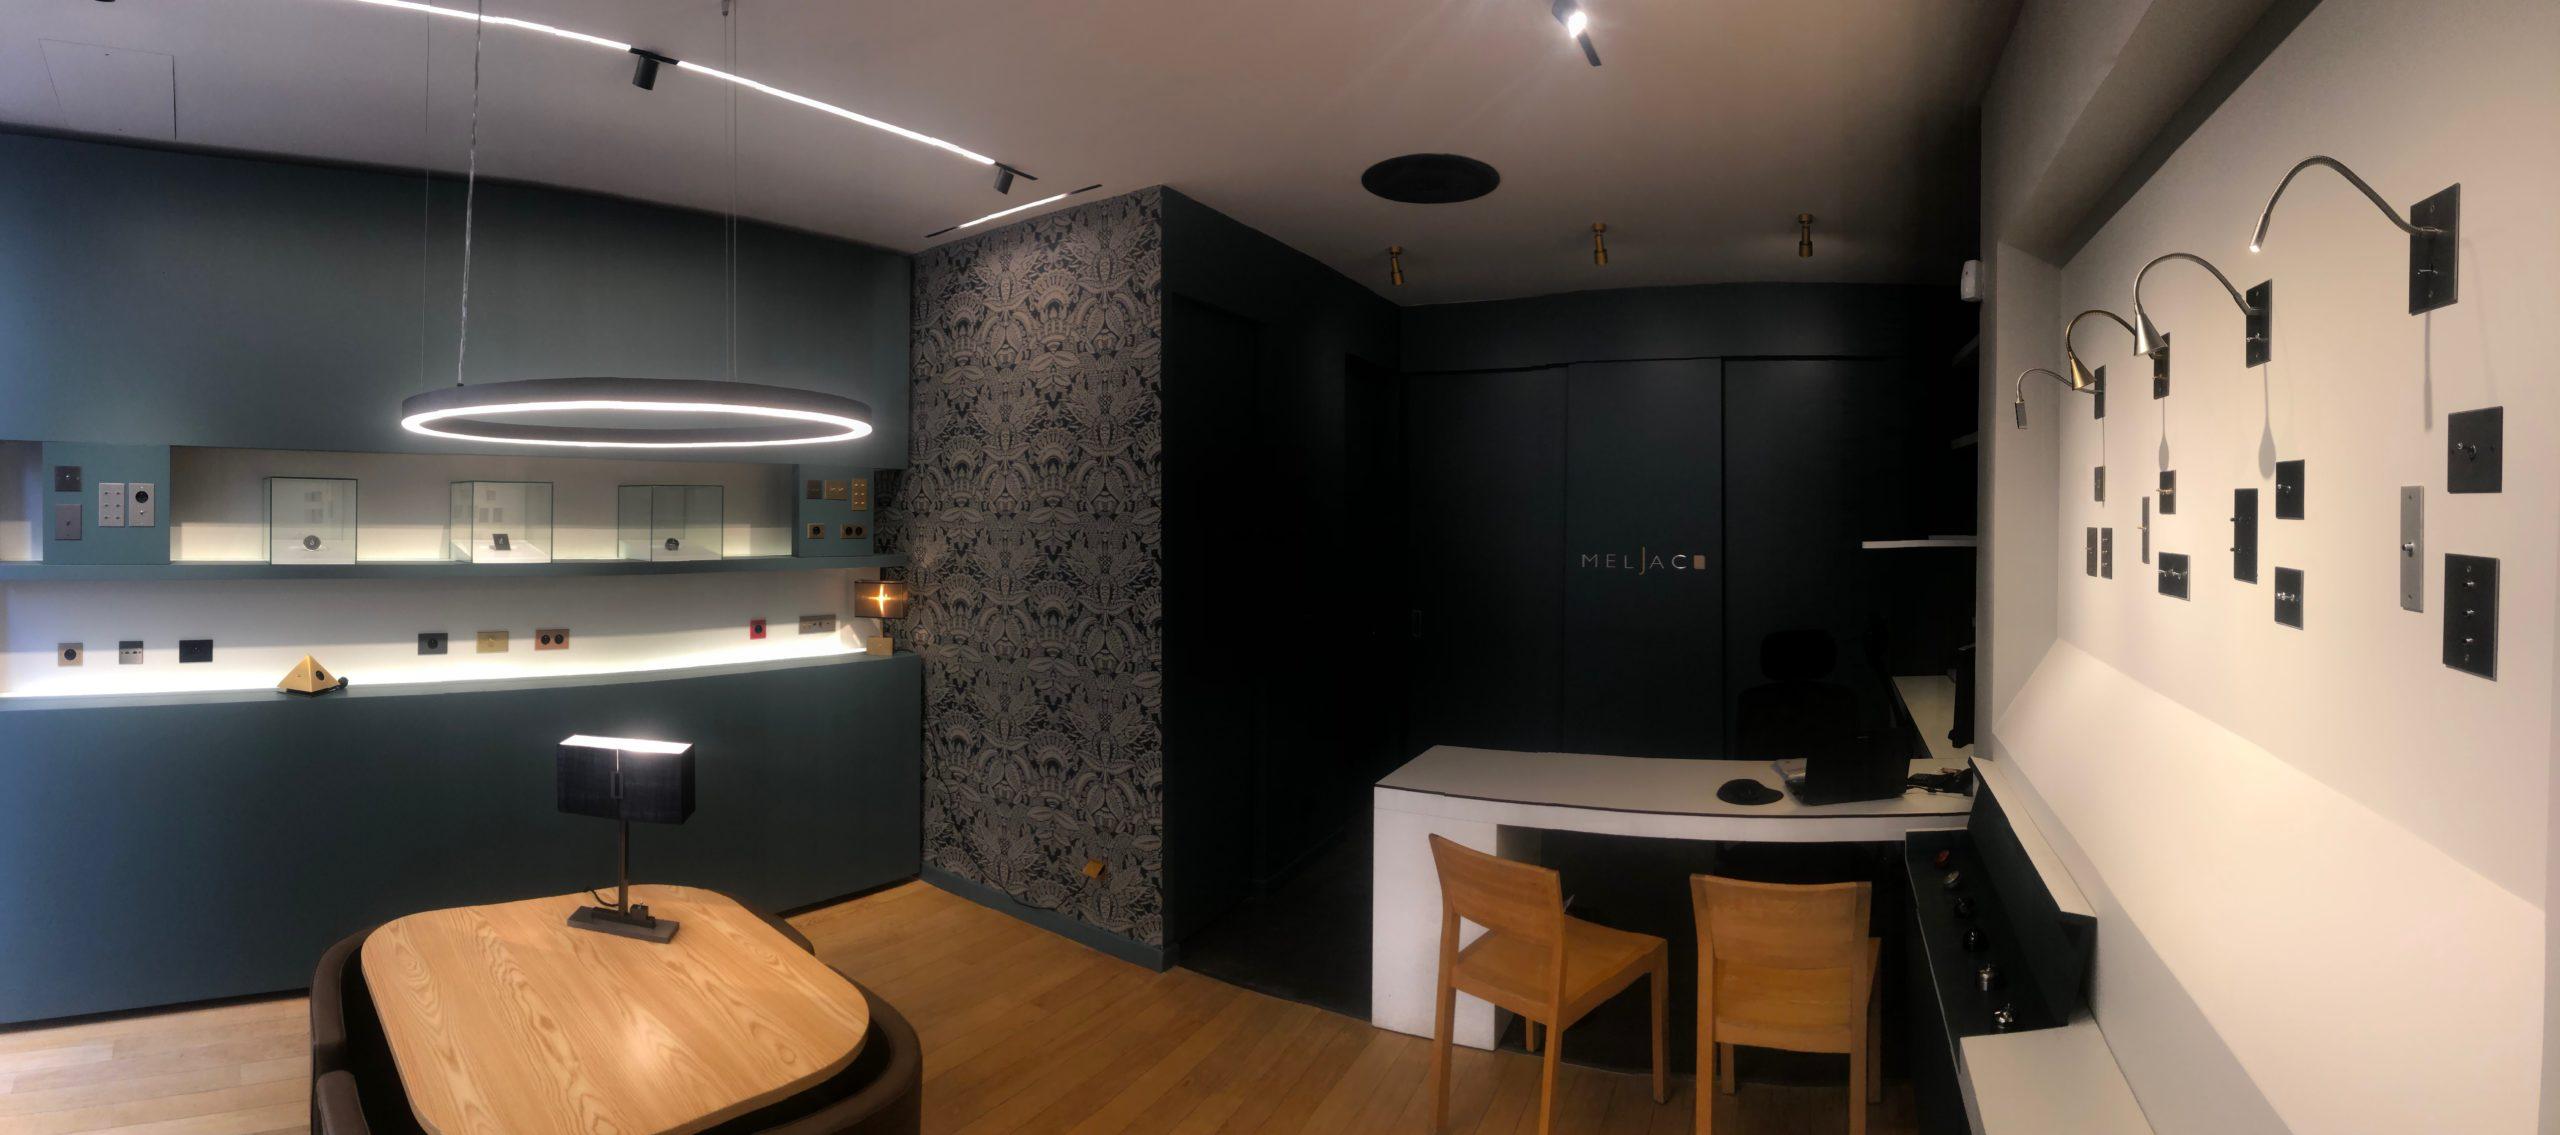 intérieur boutique Meljac Lyon interrupteurs